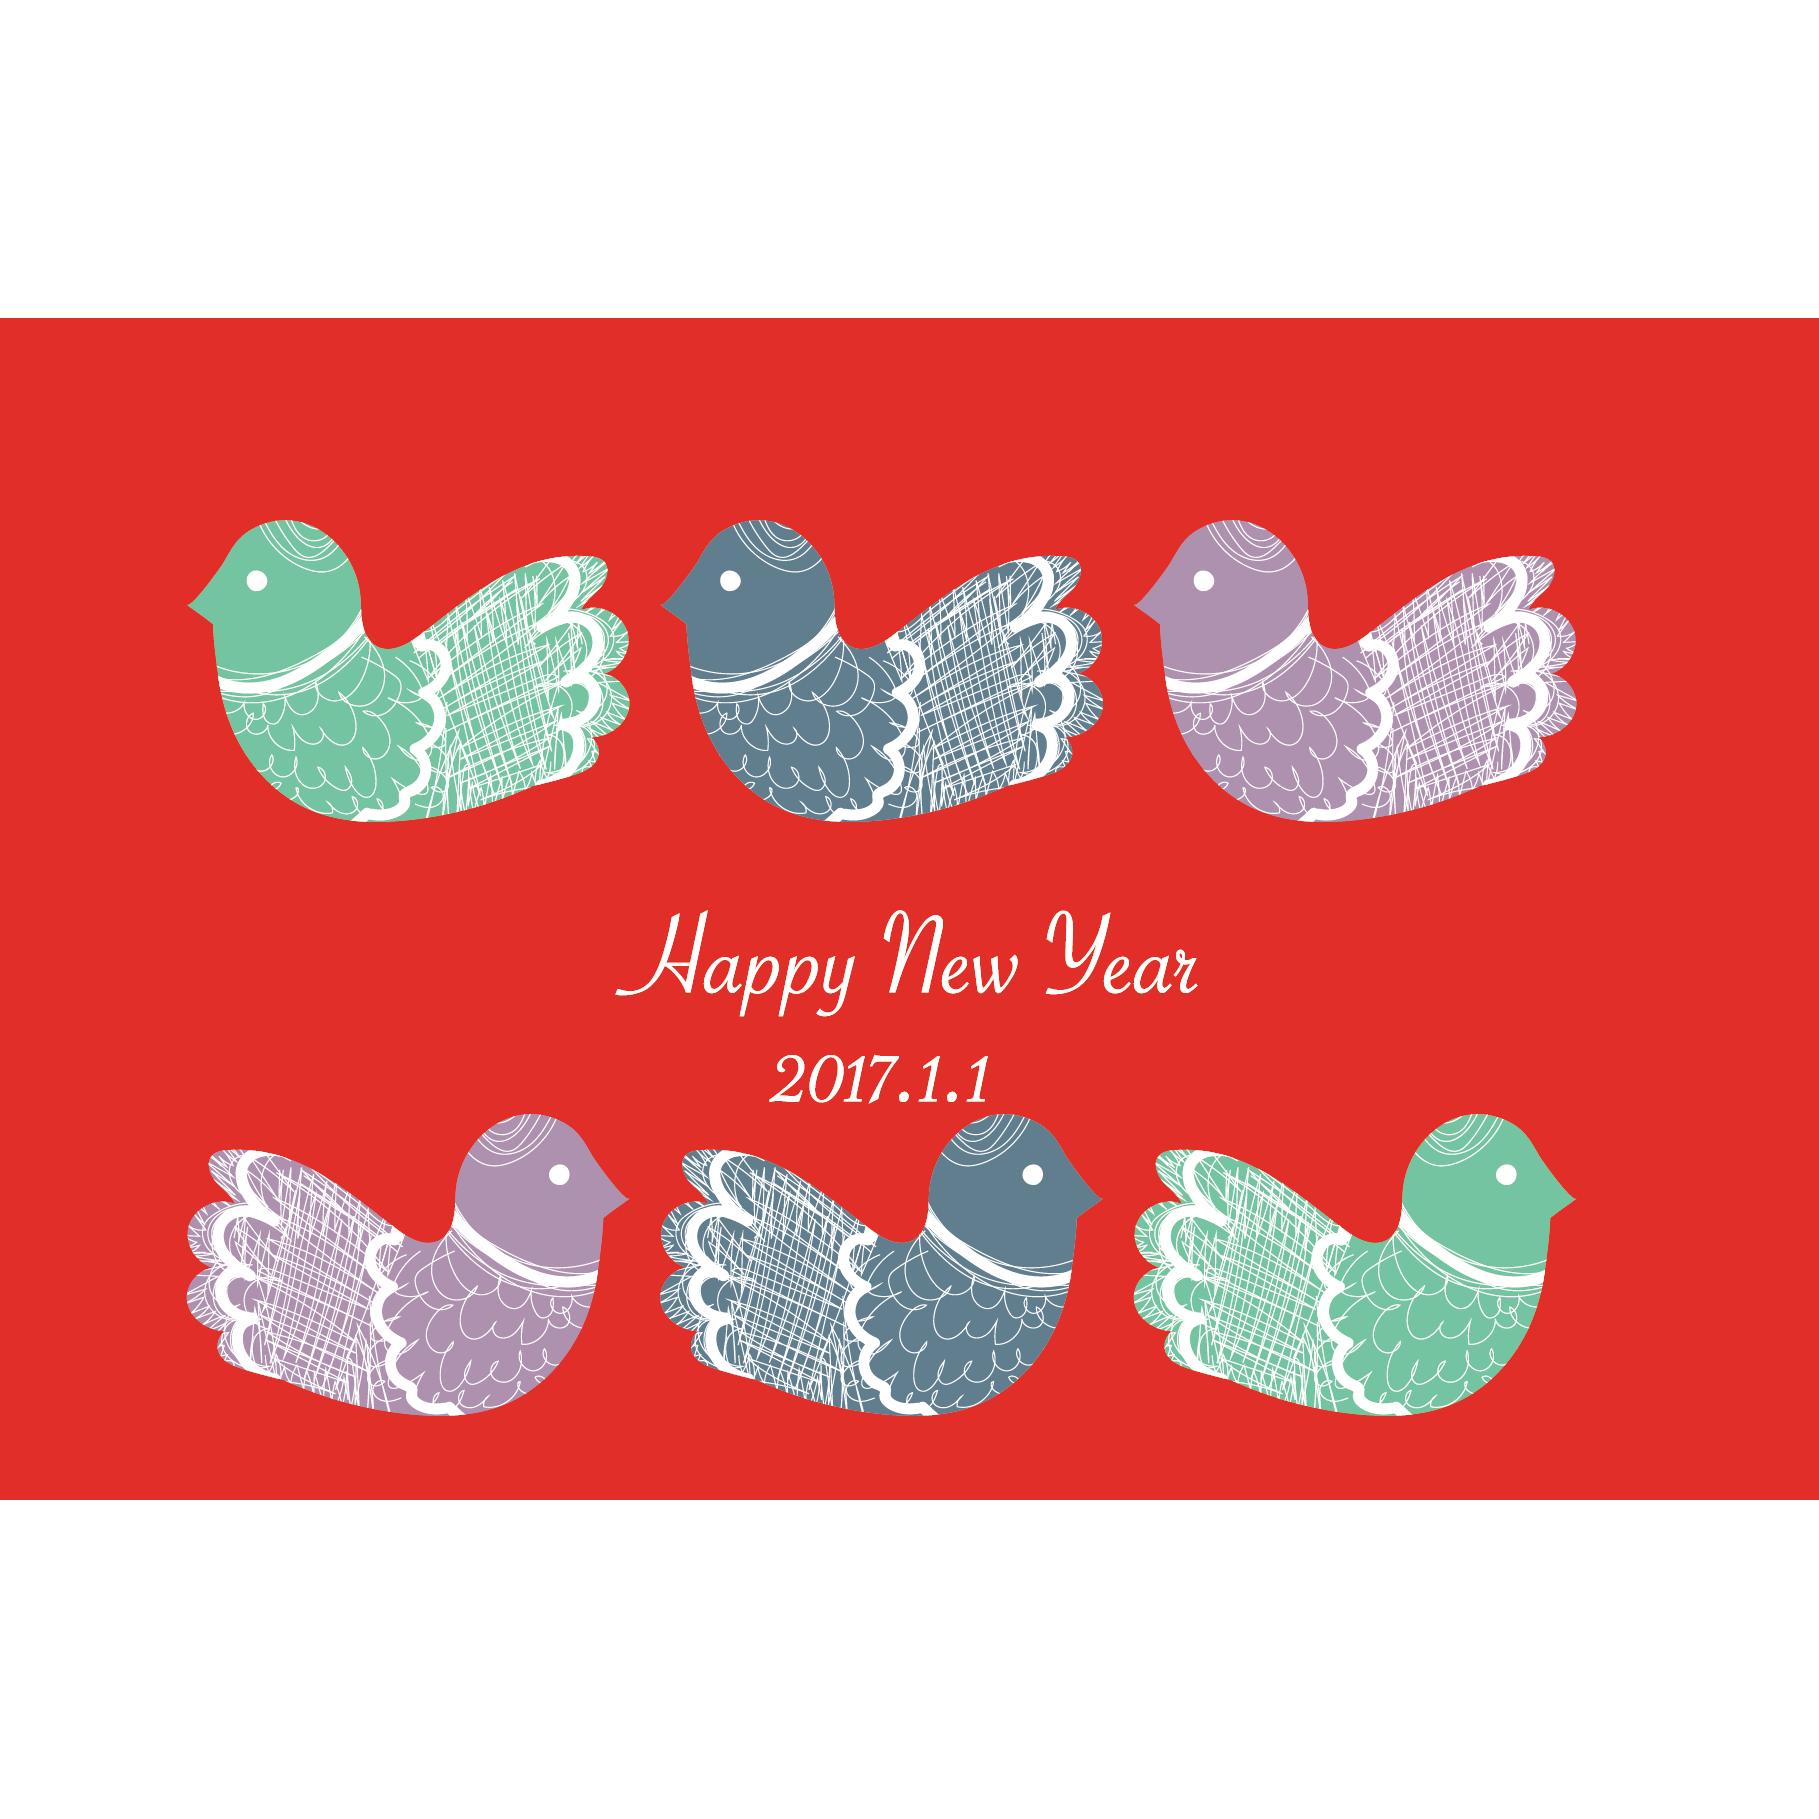 おしゃれな北欧風 酉年(とりどし)年賀状 2017年「happy new year